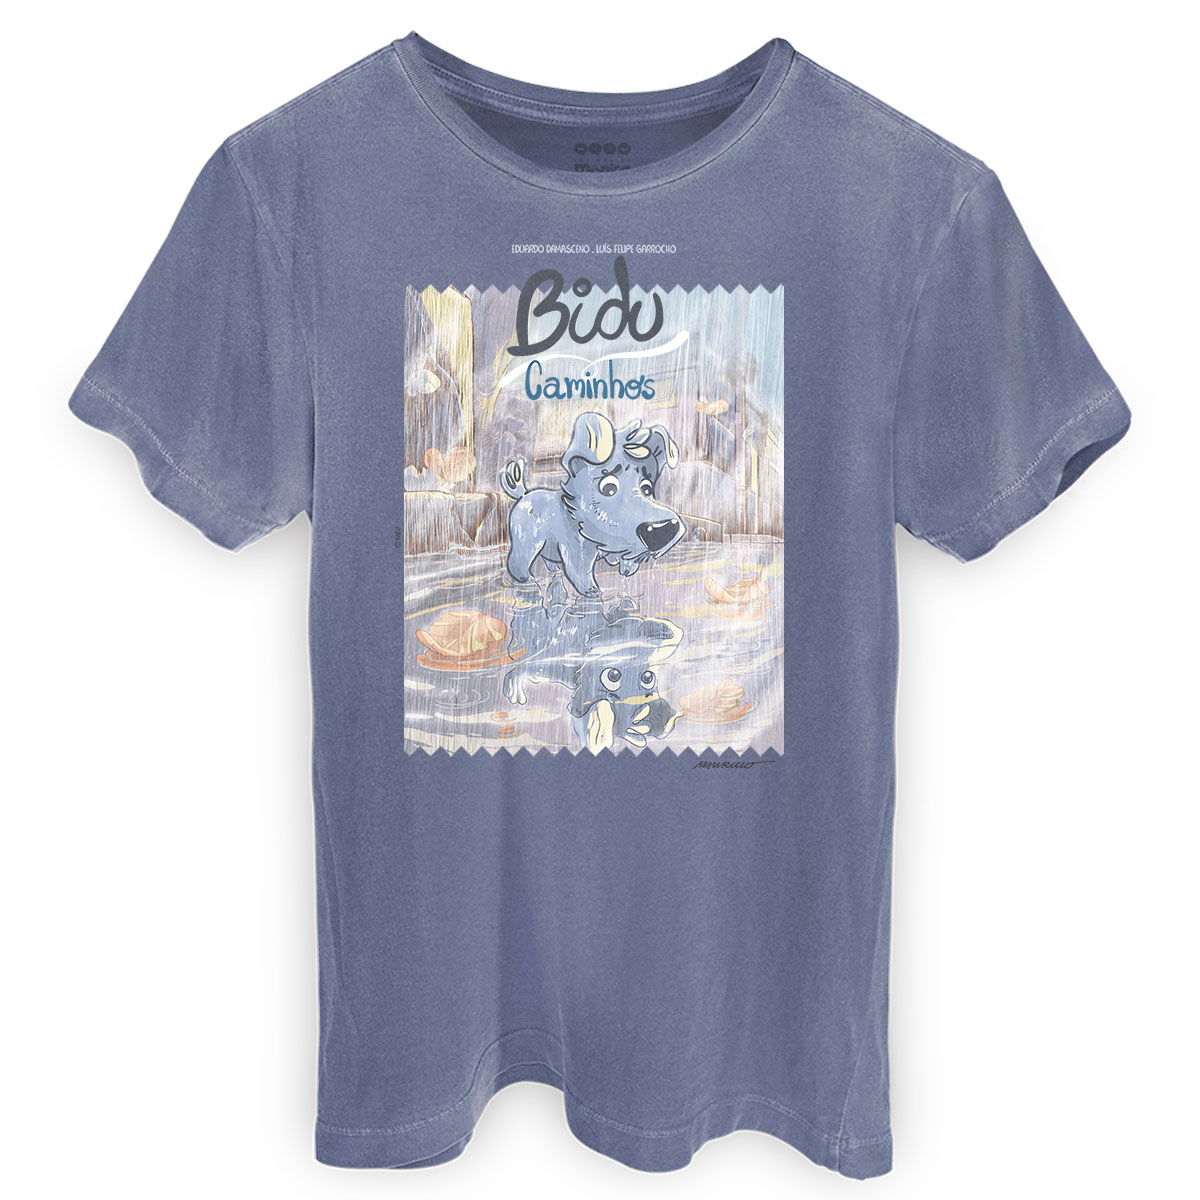 T-shirt Premium Masculina Turma da Mônica Bidu Caminhos